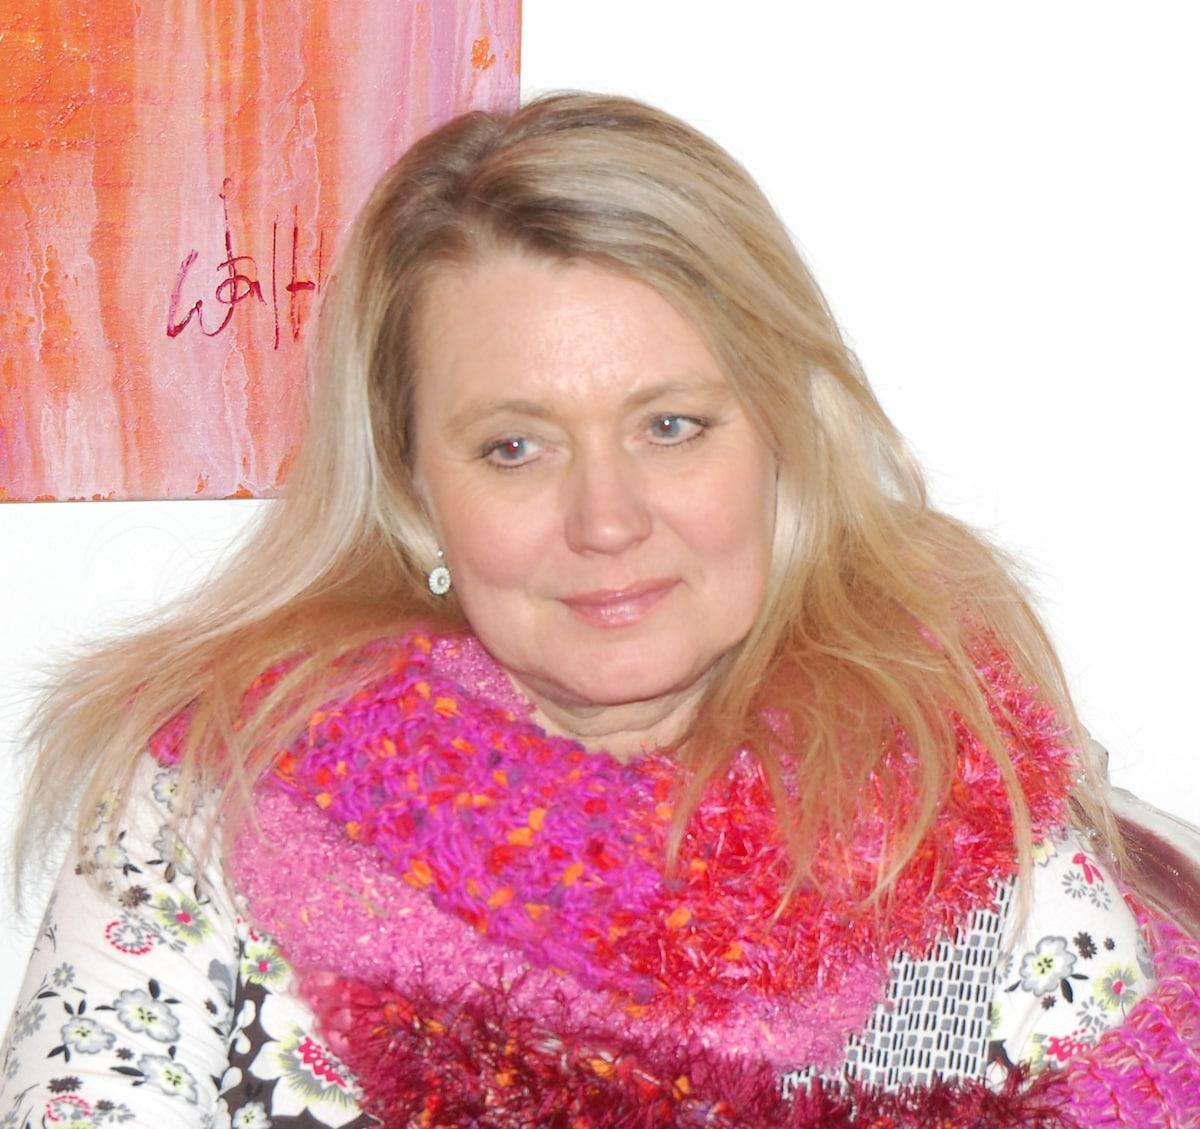 Anette From Horsens, Denmark